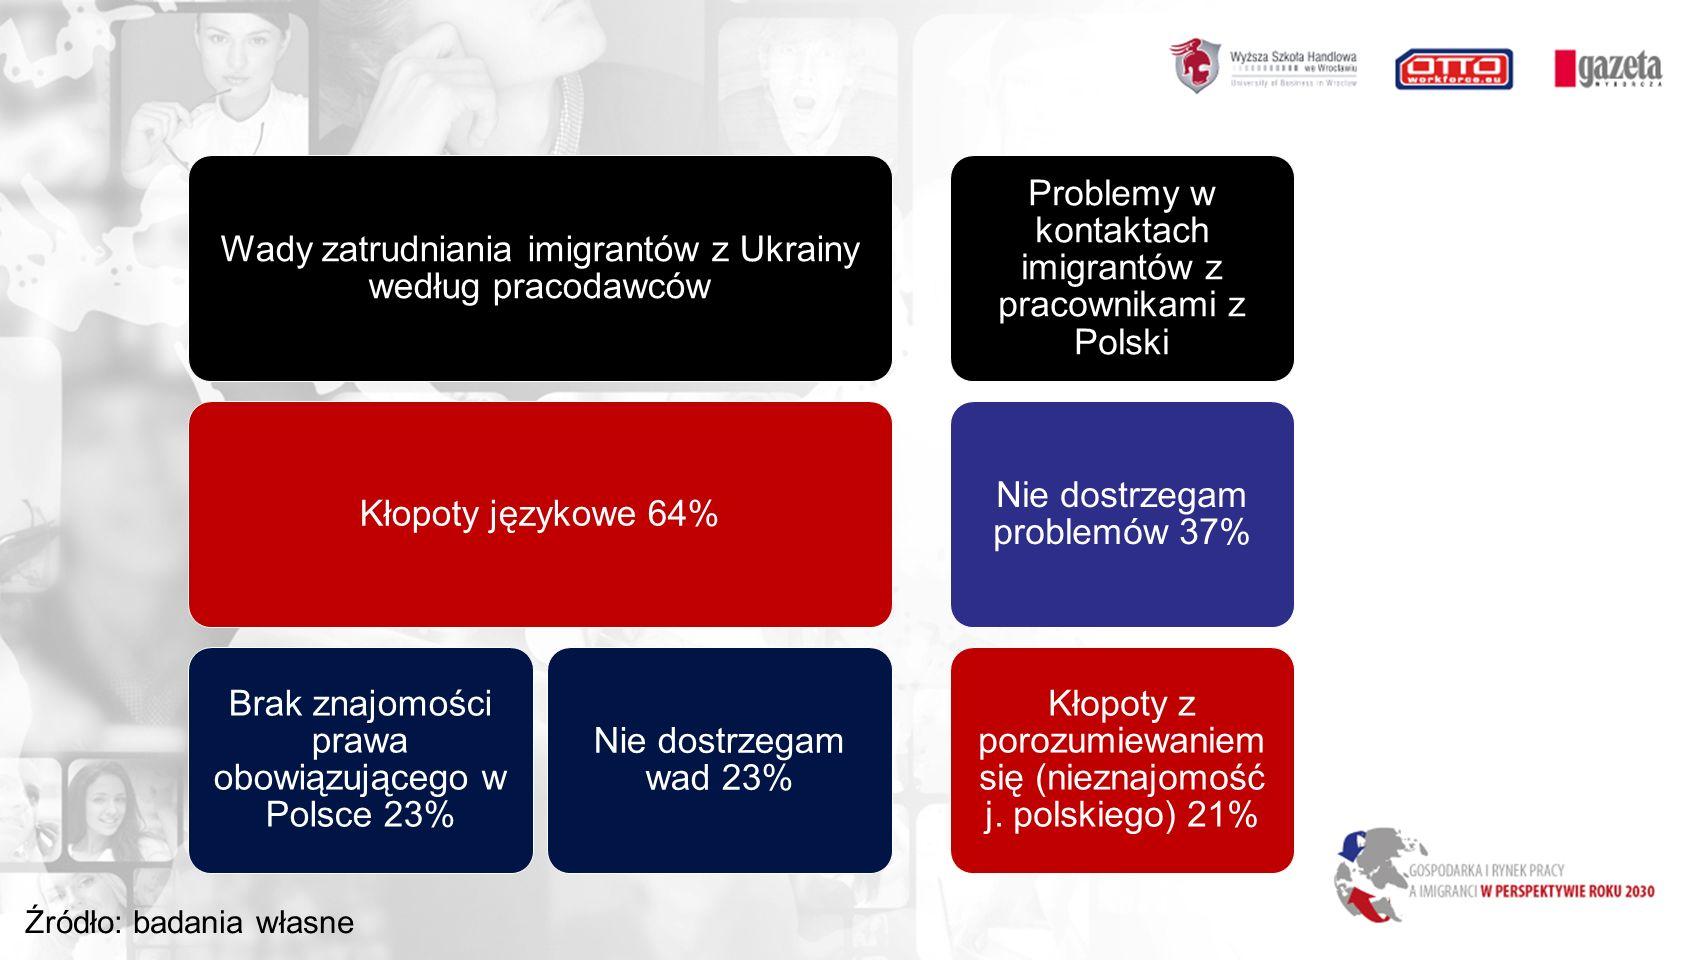 Wady zatrudniania imigrantów z Ukrainy według pracodawców Kłopoty językowe 64% Brak znajomości prawa obowiązującego w Polsce 23% Nie dostrzegam wad 23% Problemy w kontaktach imigrantów z pracownikami z Polski Nie dostrzegam problemów 37% Kłopoty z porozumiewaniem się (nieznajomość j.